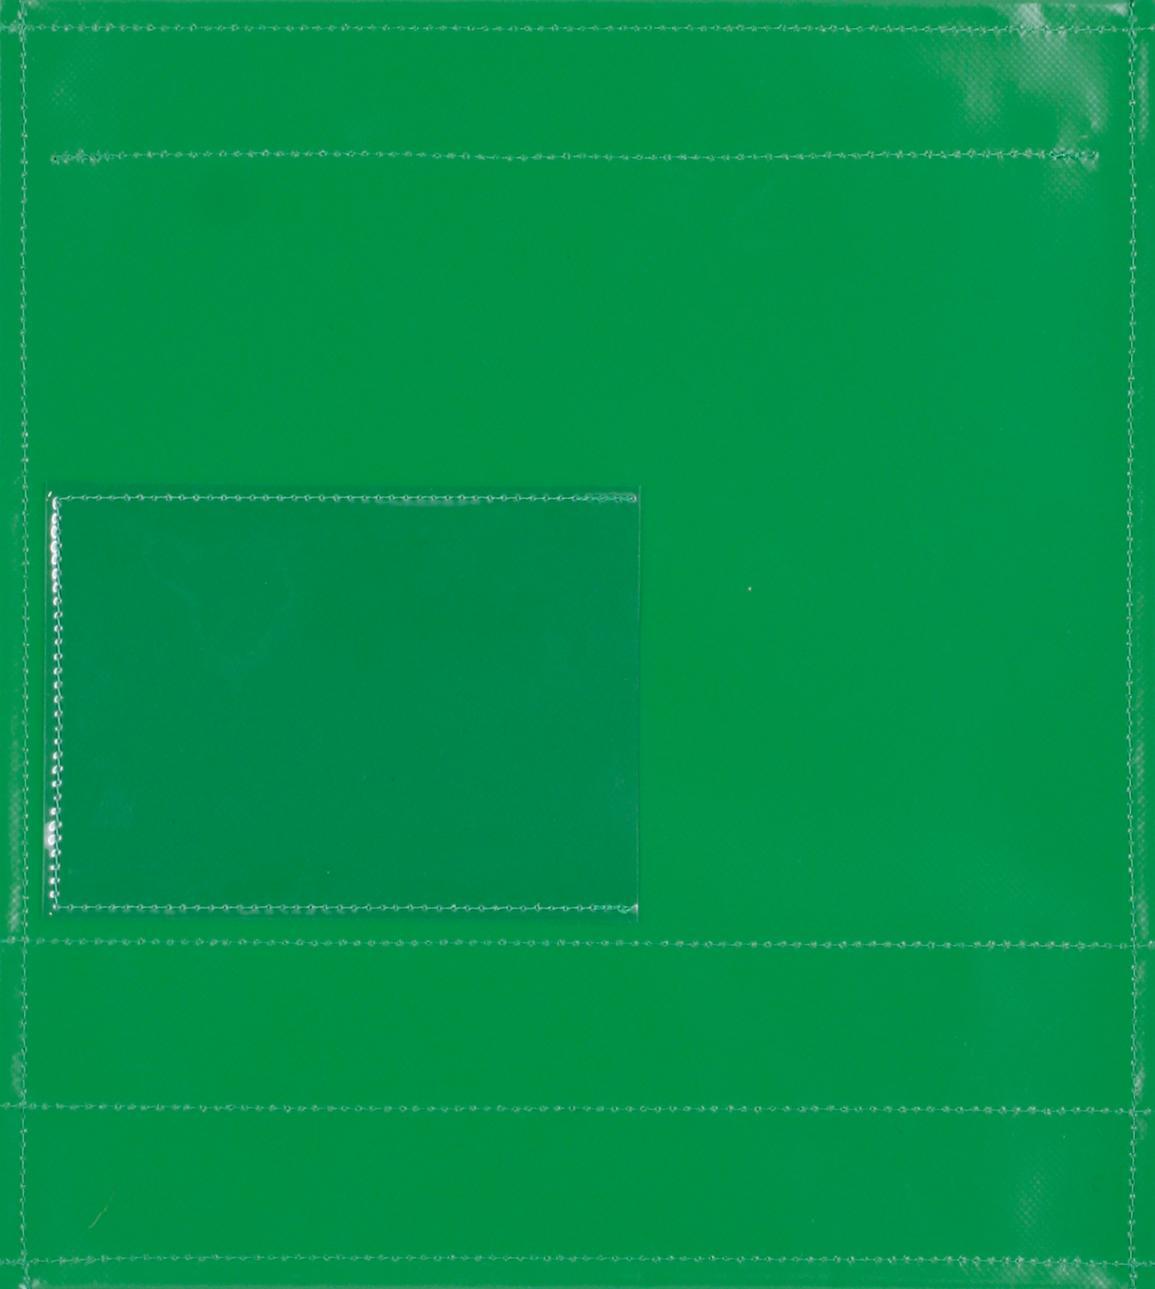 Fensterdeckel grün (mittel)